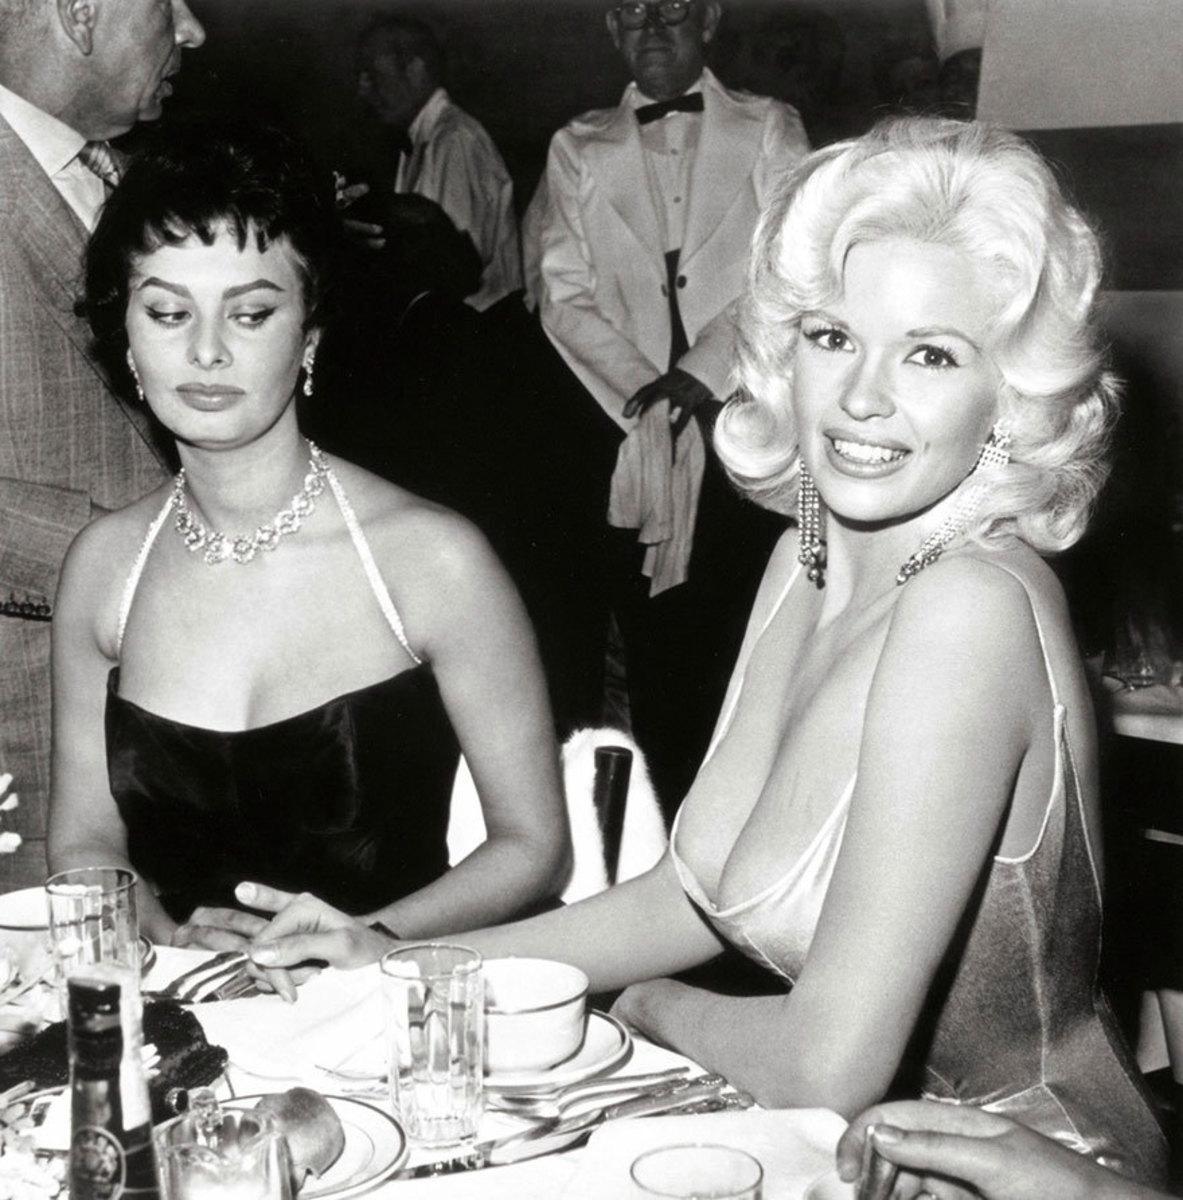 Sophia Loren looks, with envy, at Jayne Mansfield